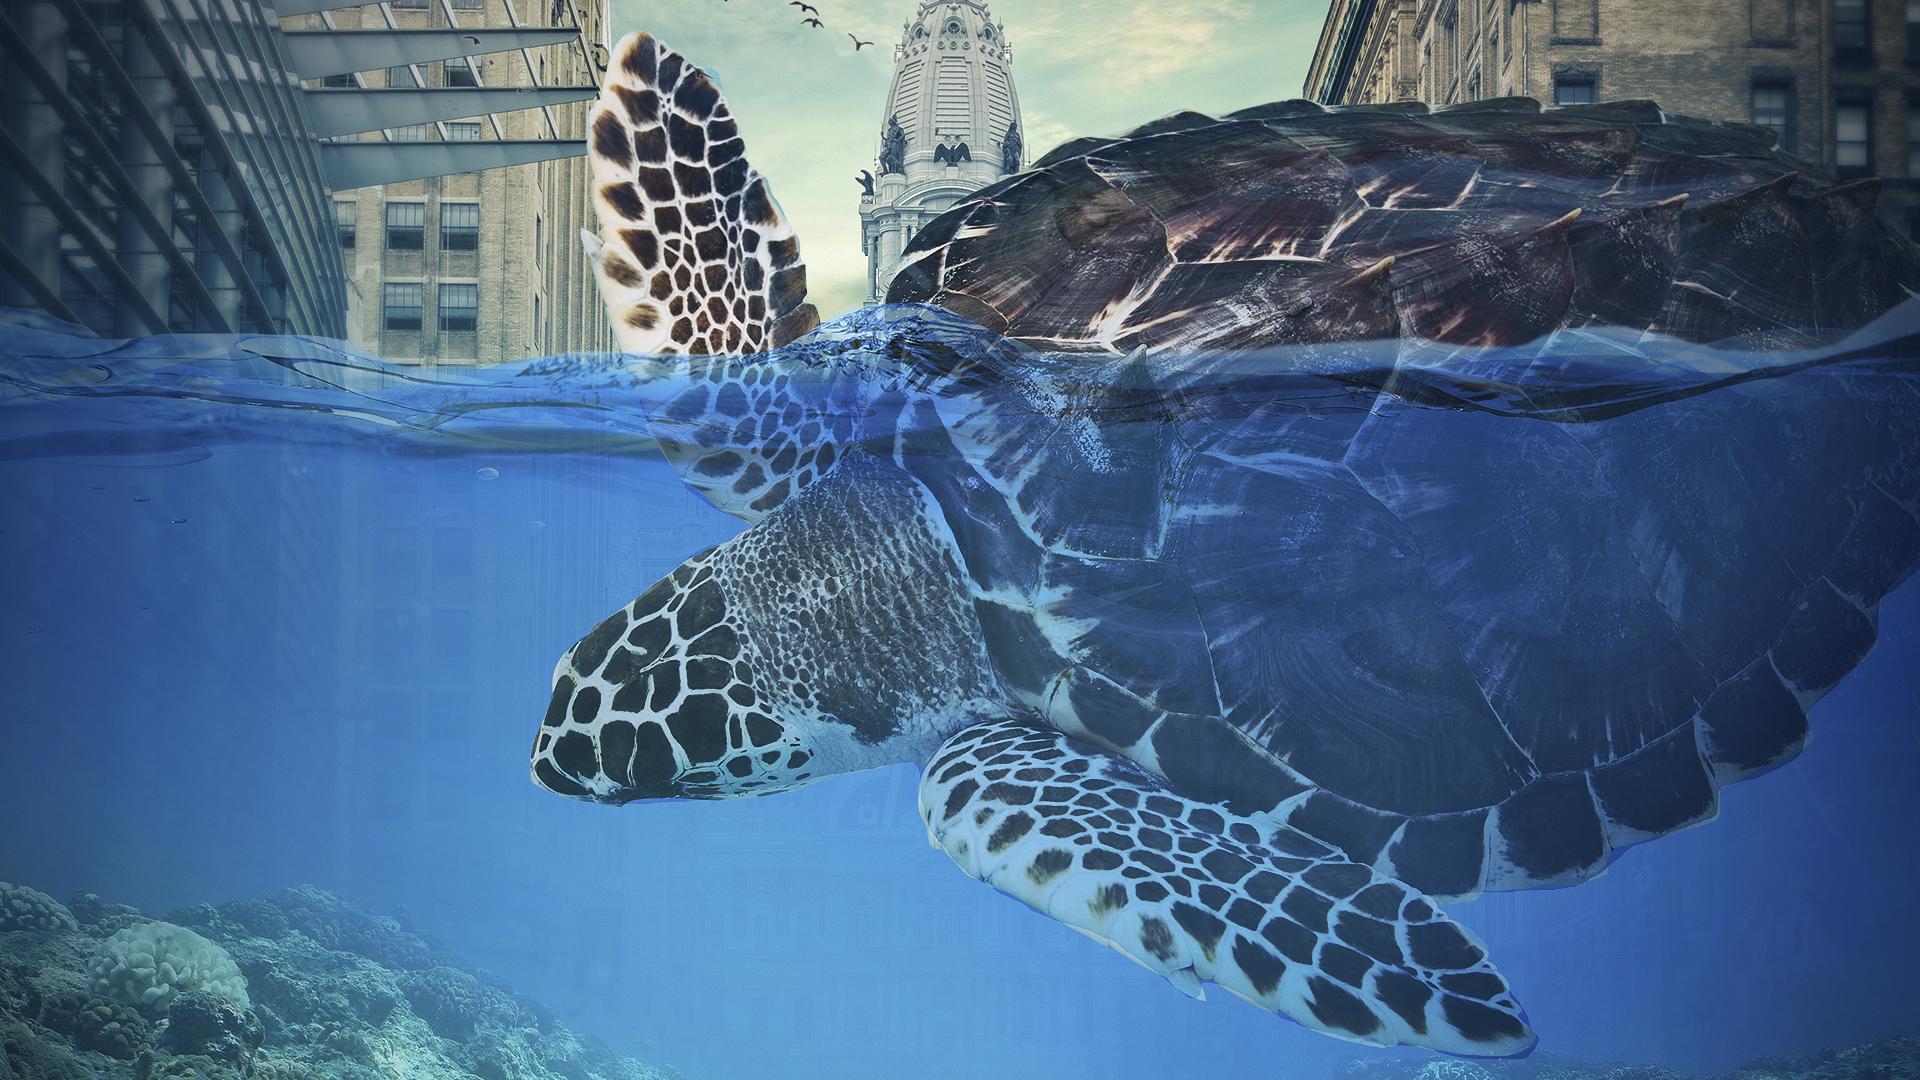 Гигантская черепаха обои скачать